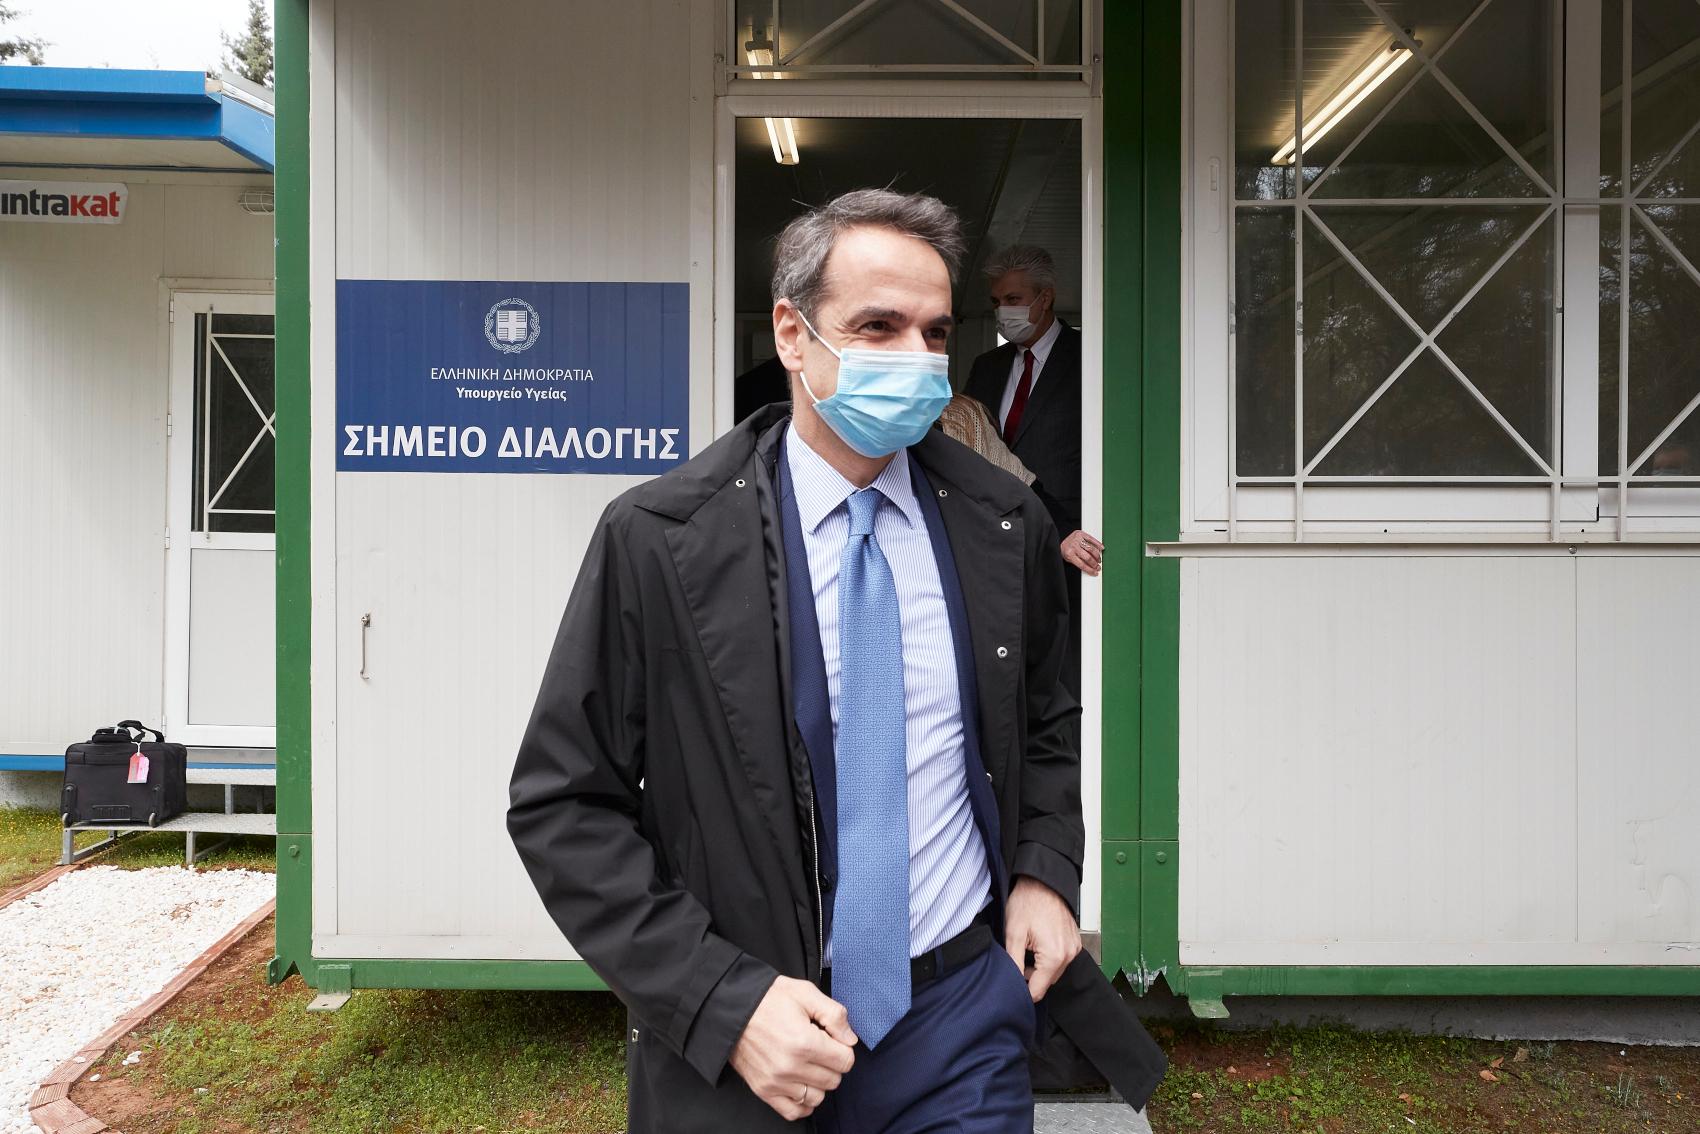 Παρουσία του Πρωθυπουργού στην παράδοση υγειονομικού υλικού στο Νοσοκομείο «Η Σωτηρία» (Φωτογραφίες – Βίντεο)